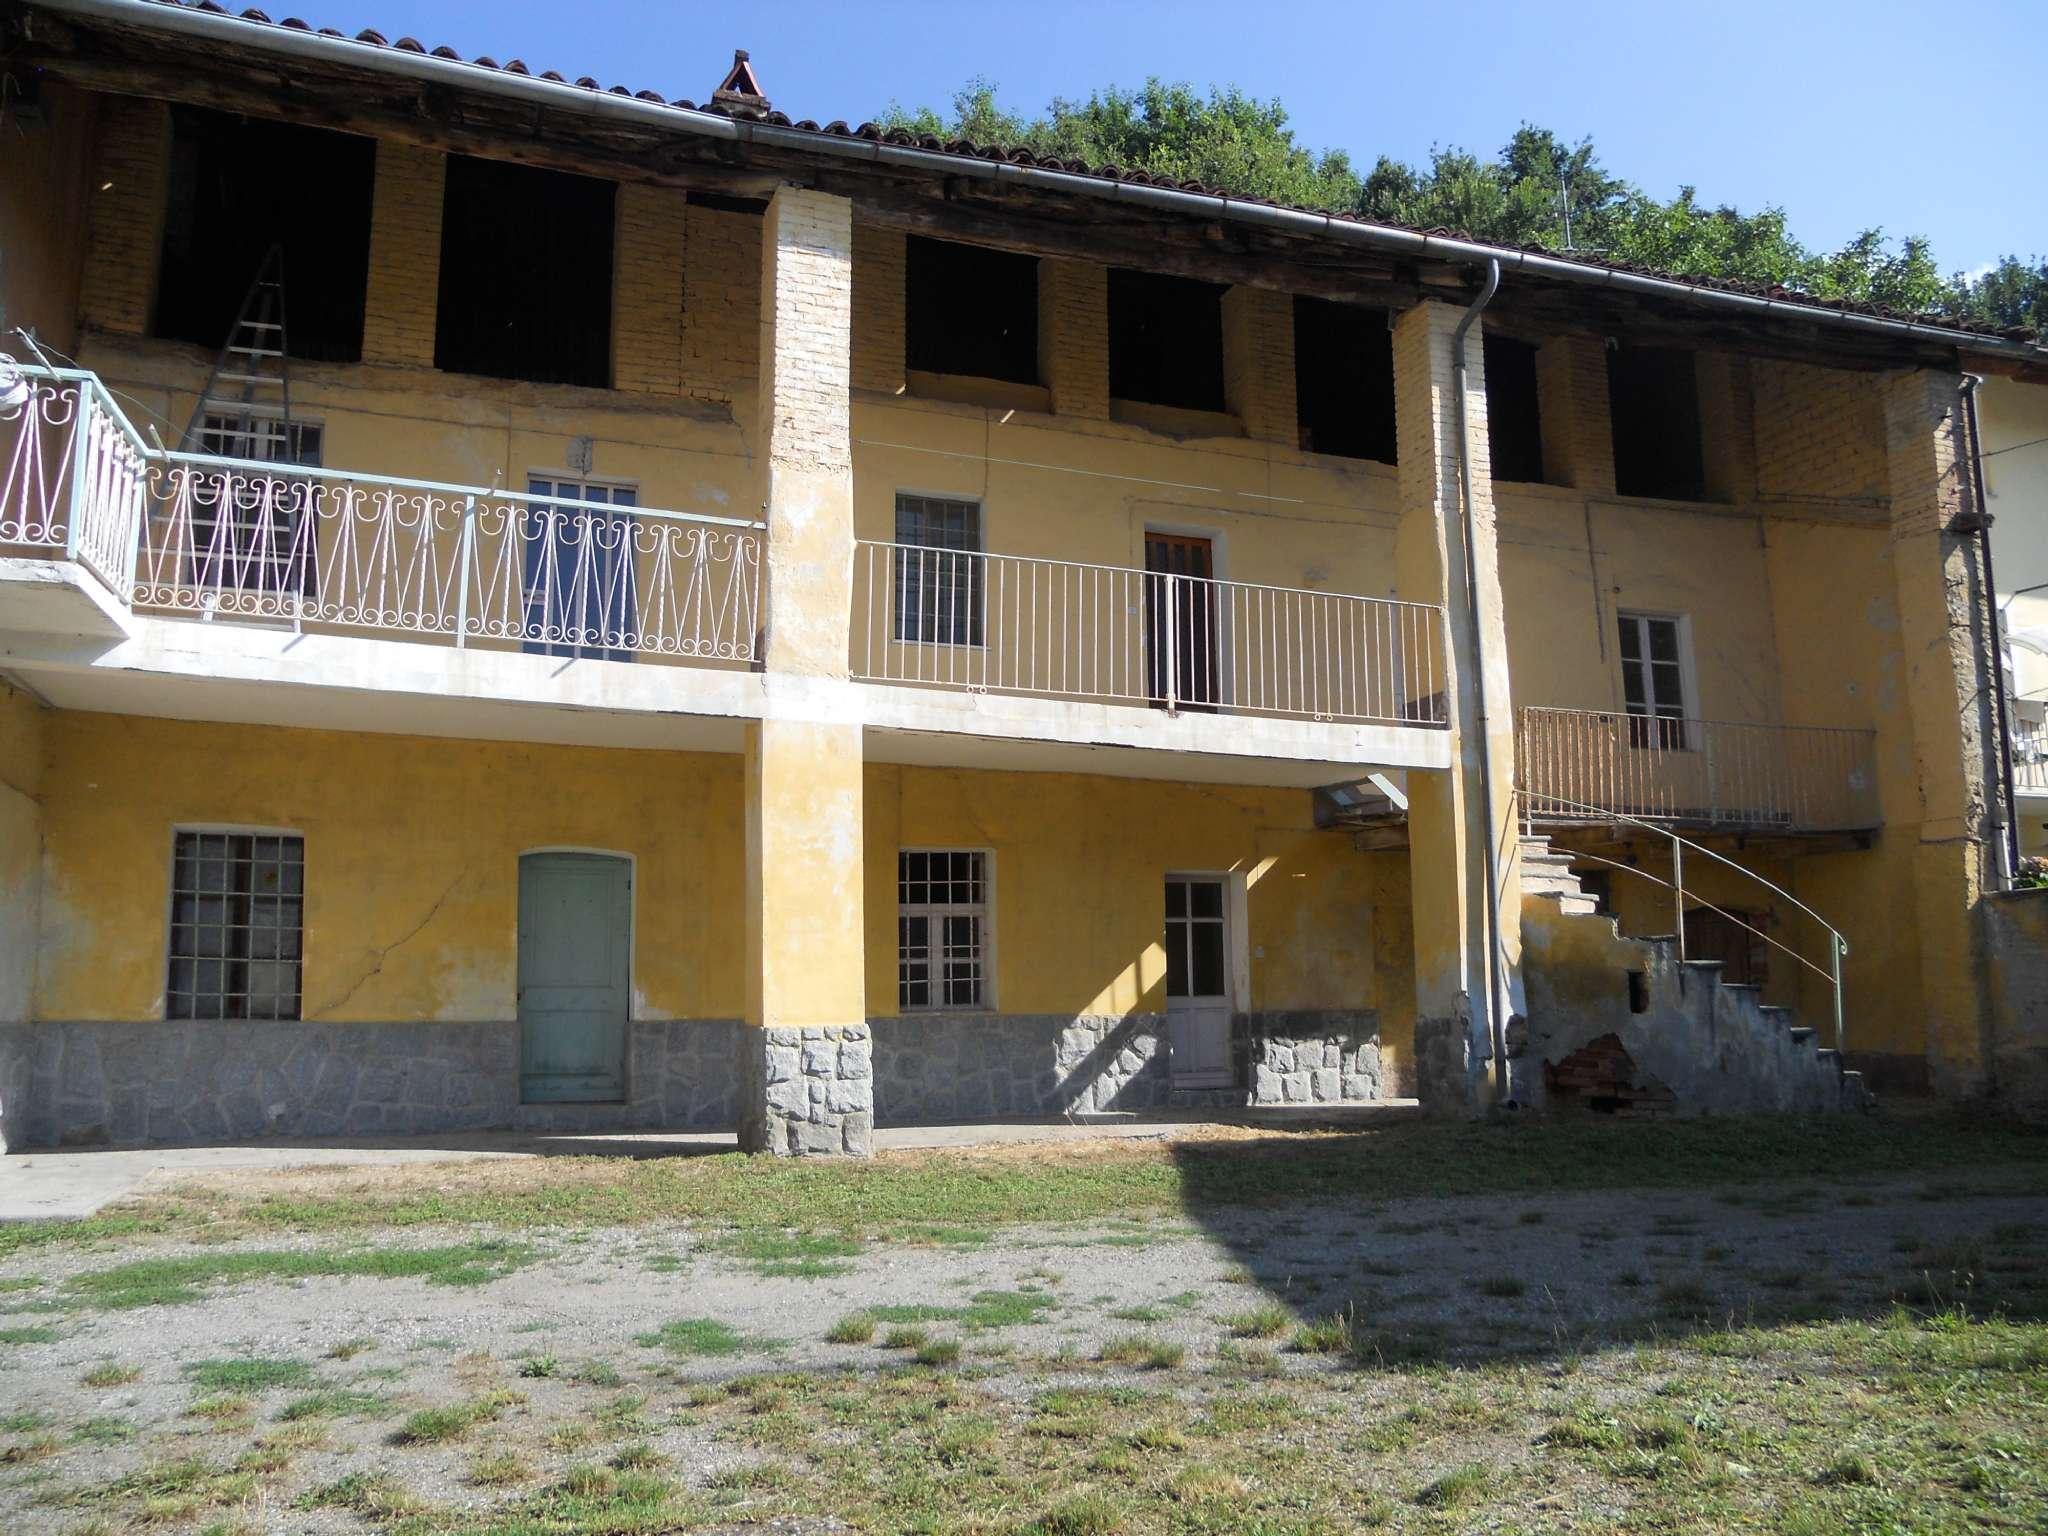 Rustico / Casale in vendita a Almese, 5 locali, prezzo € 29.000 | CambioCasa.it